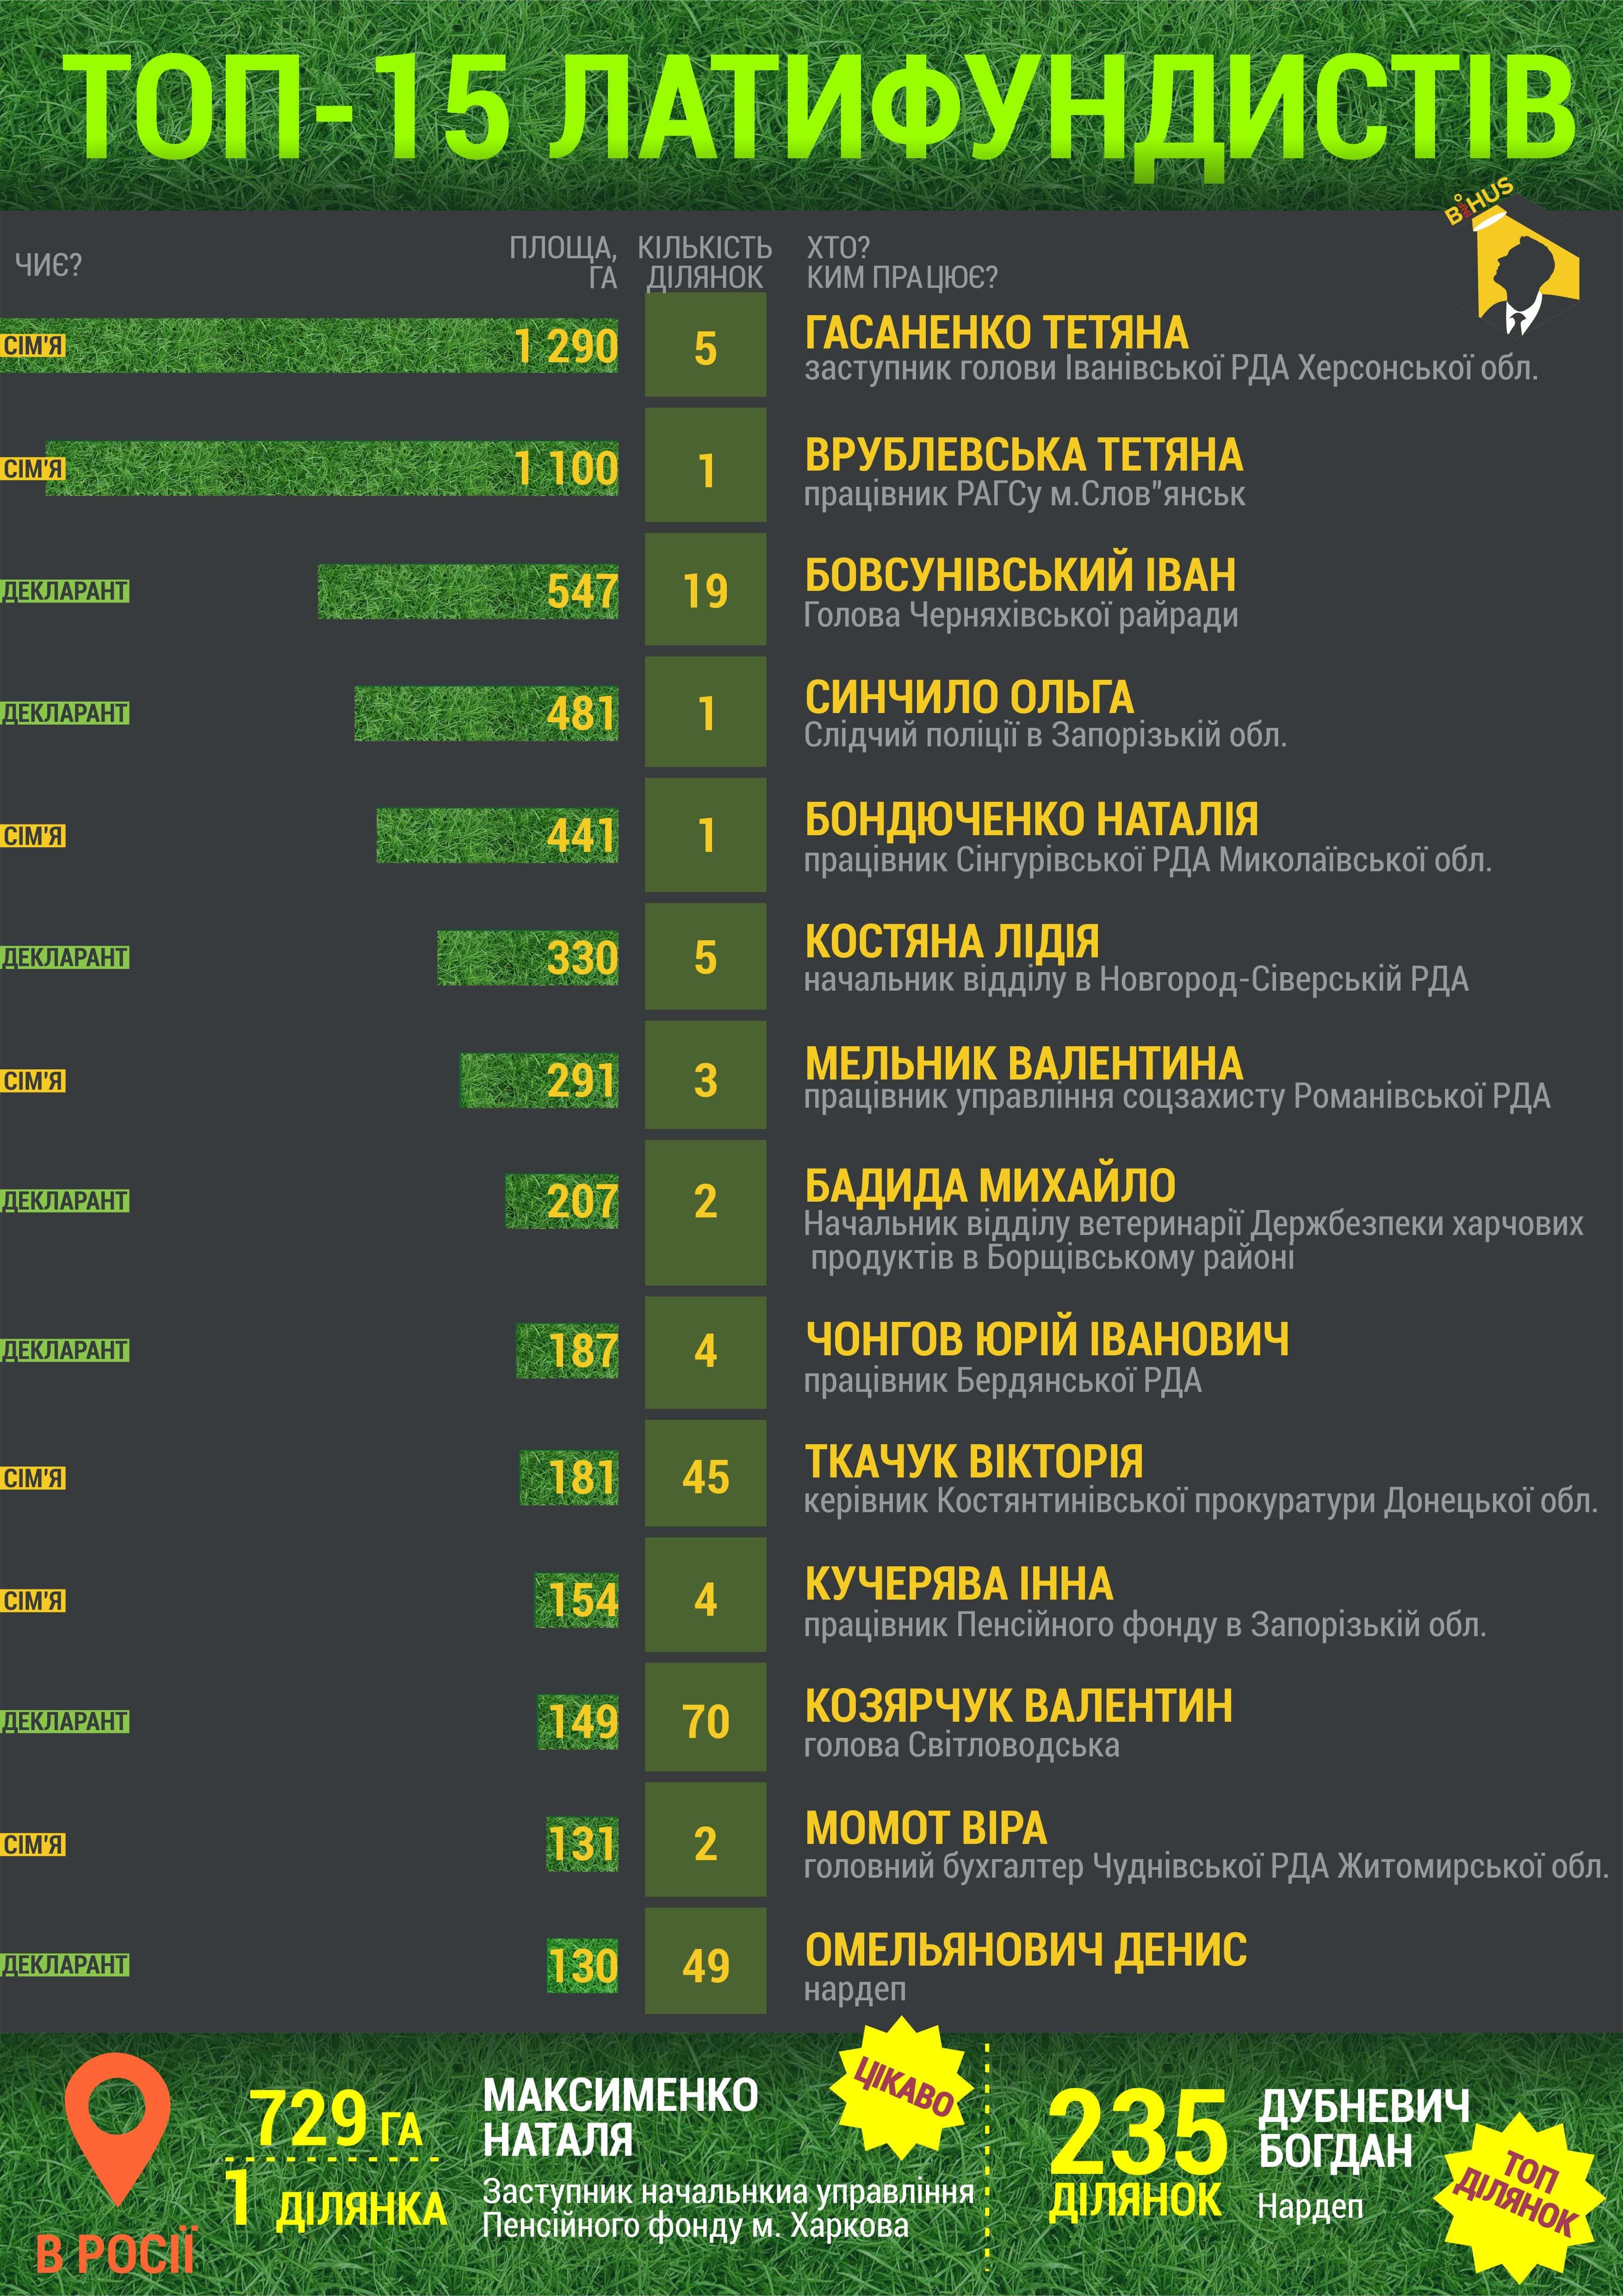 Самые крупные землевладельцы-чиновники Украины